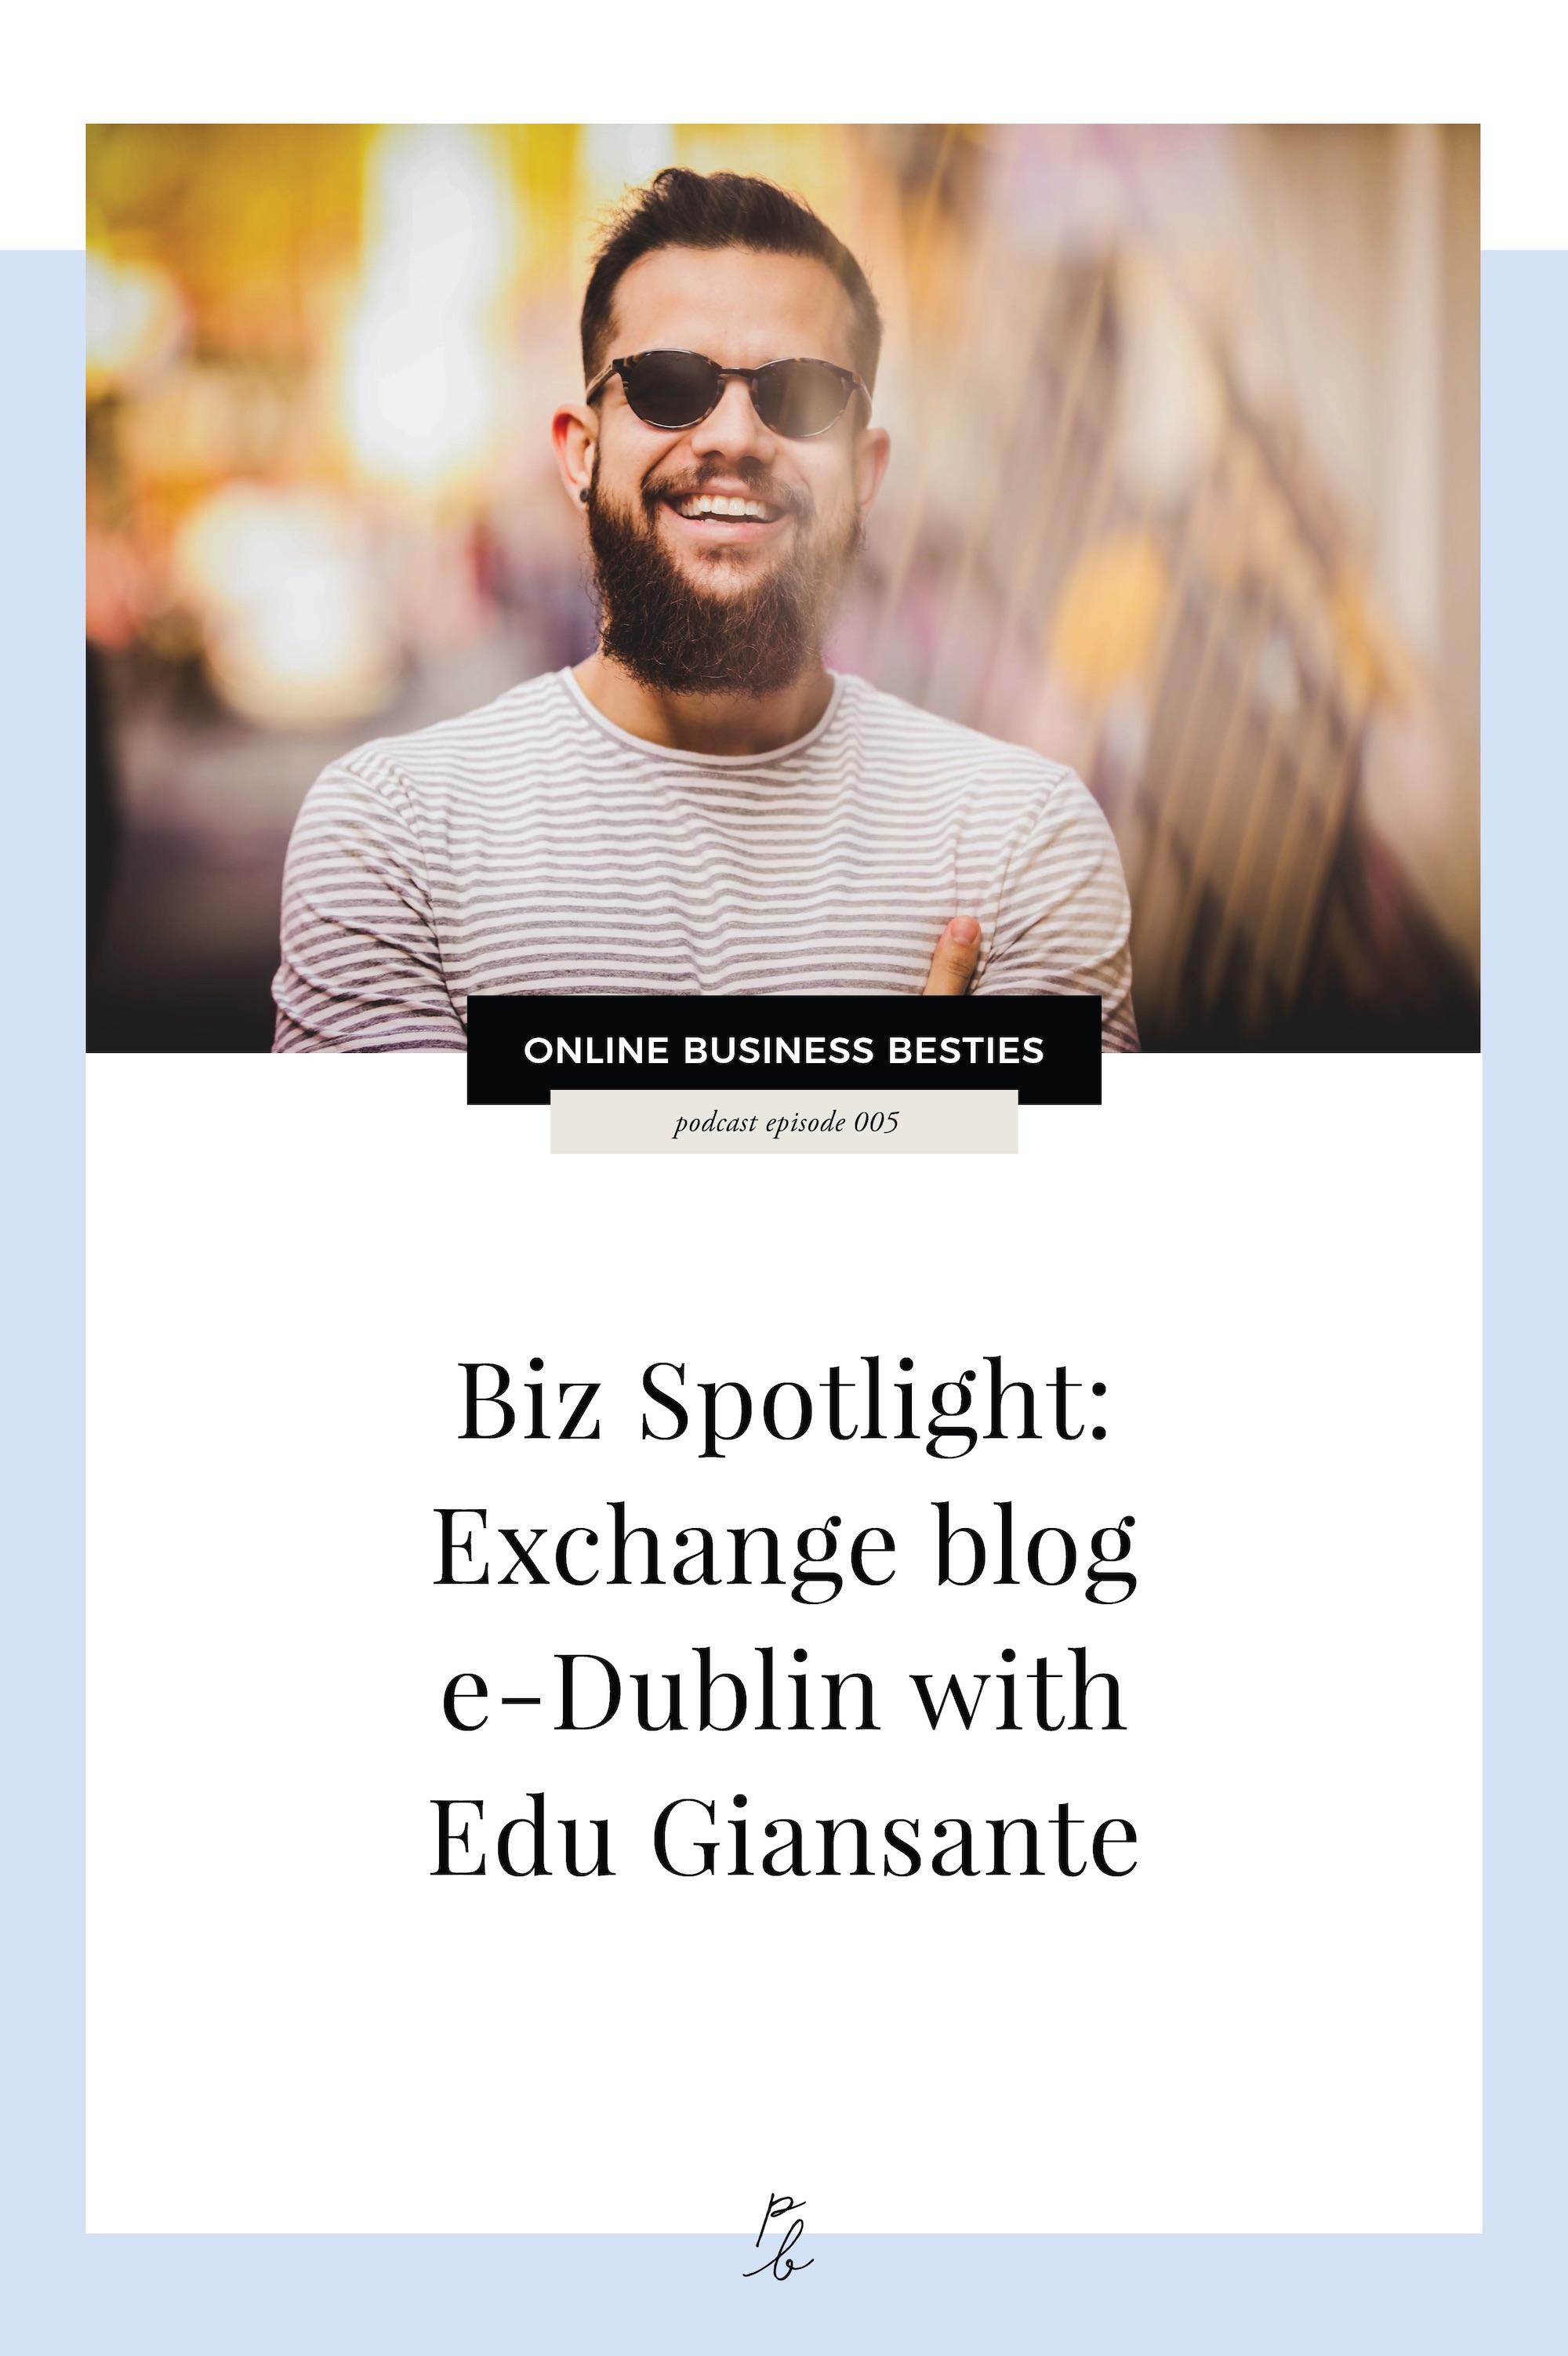 Biz Spotlight exchange blog e-Dublin with Edu Giansante.jpg